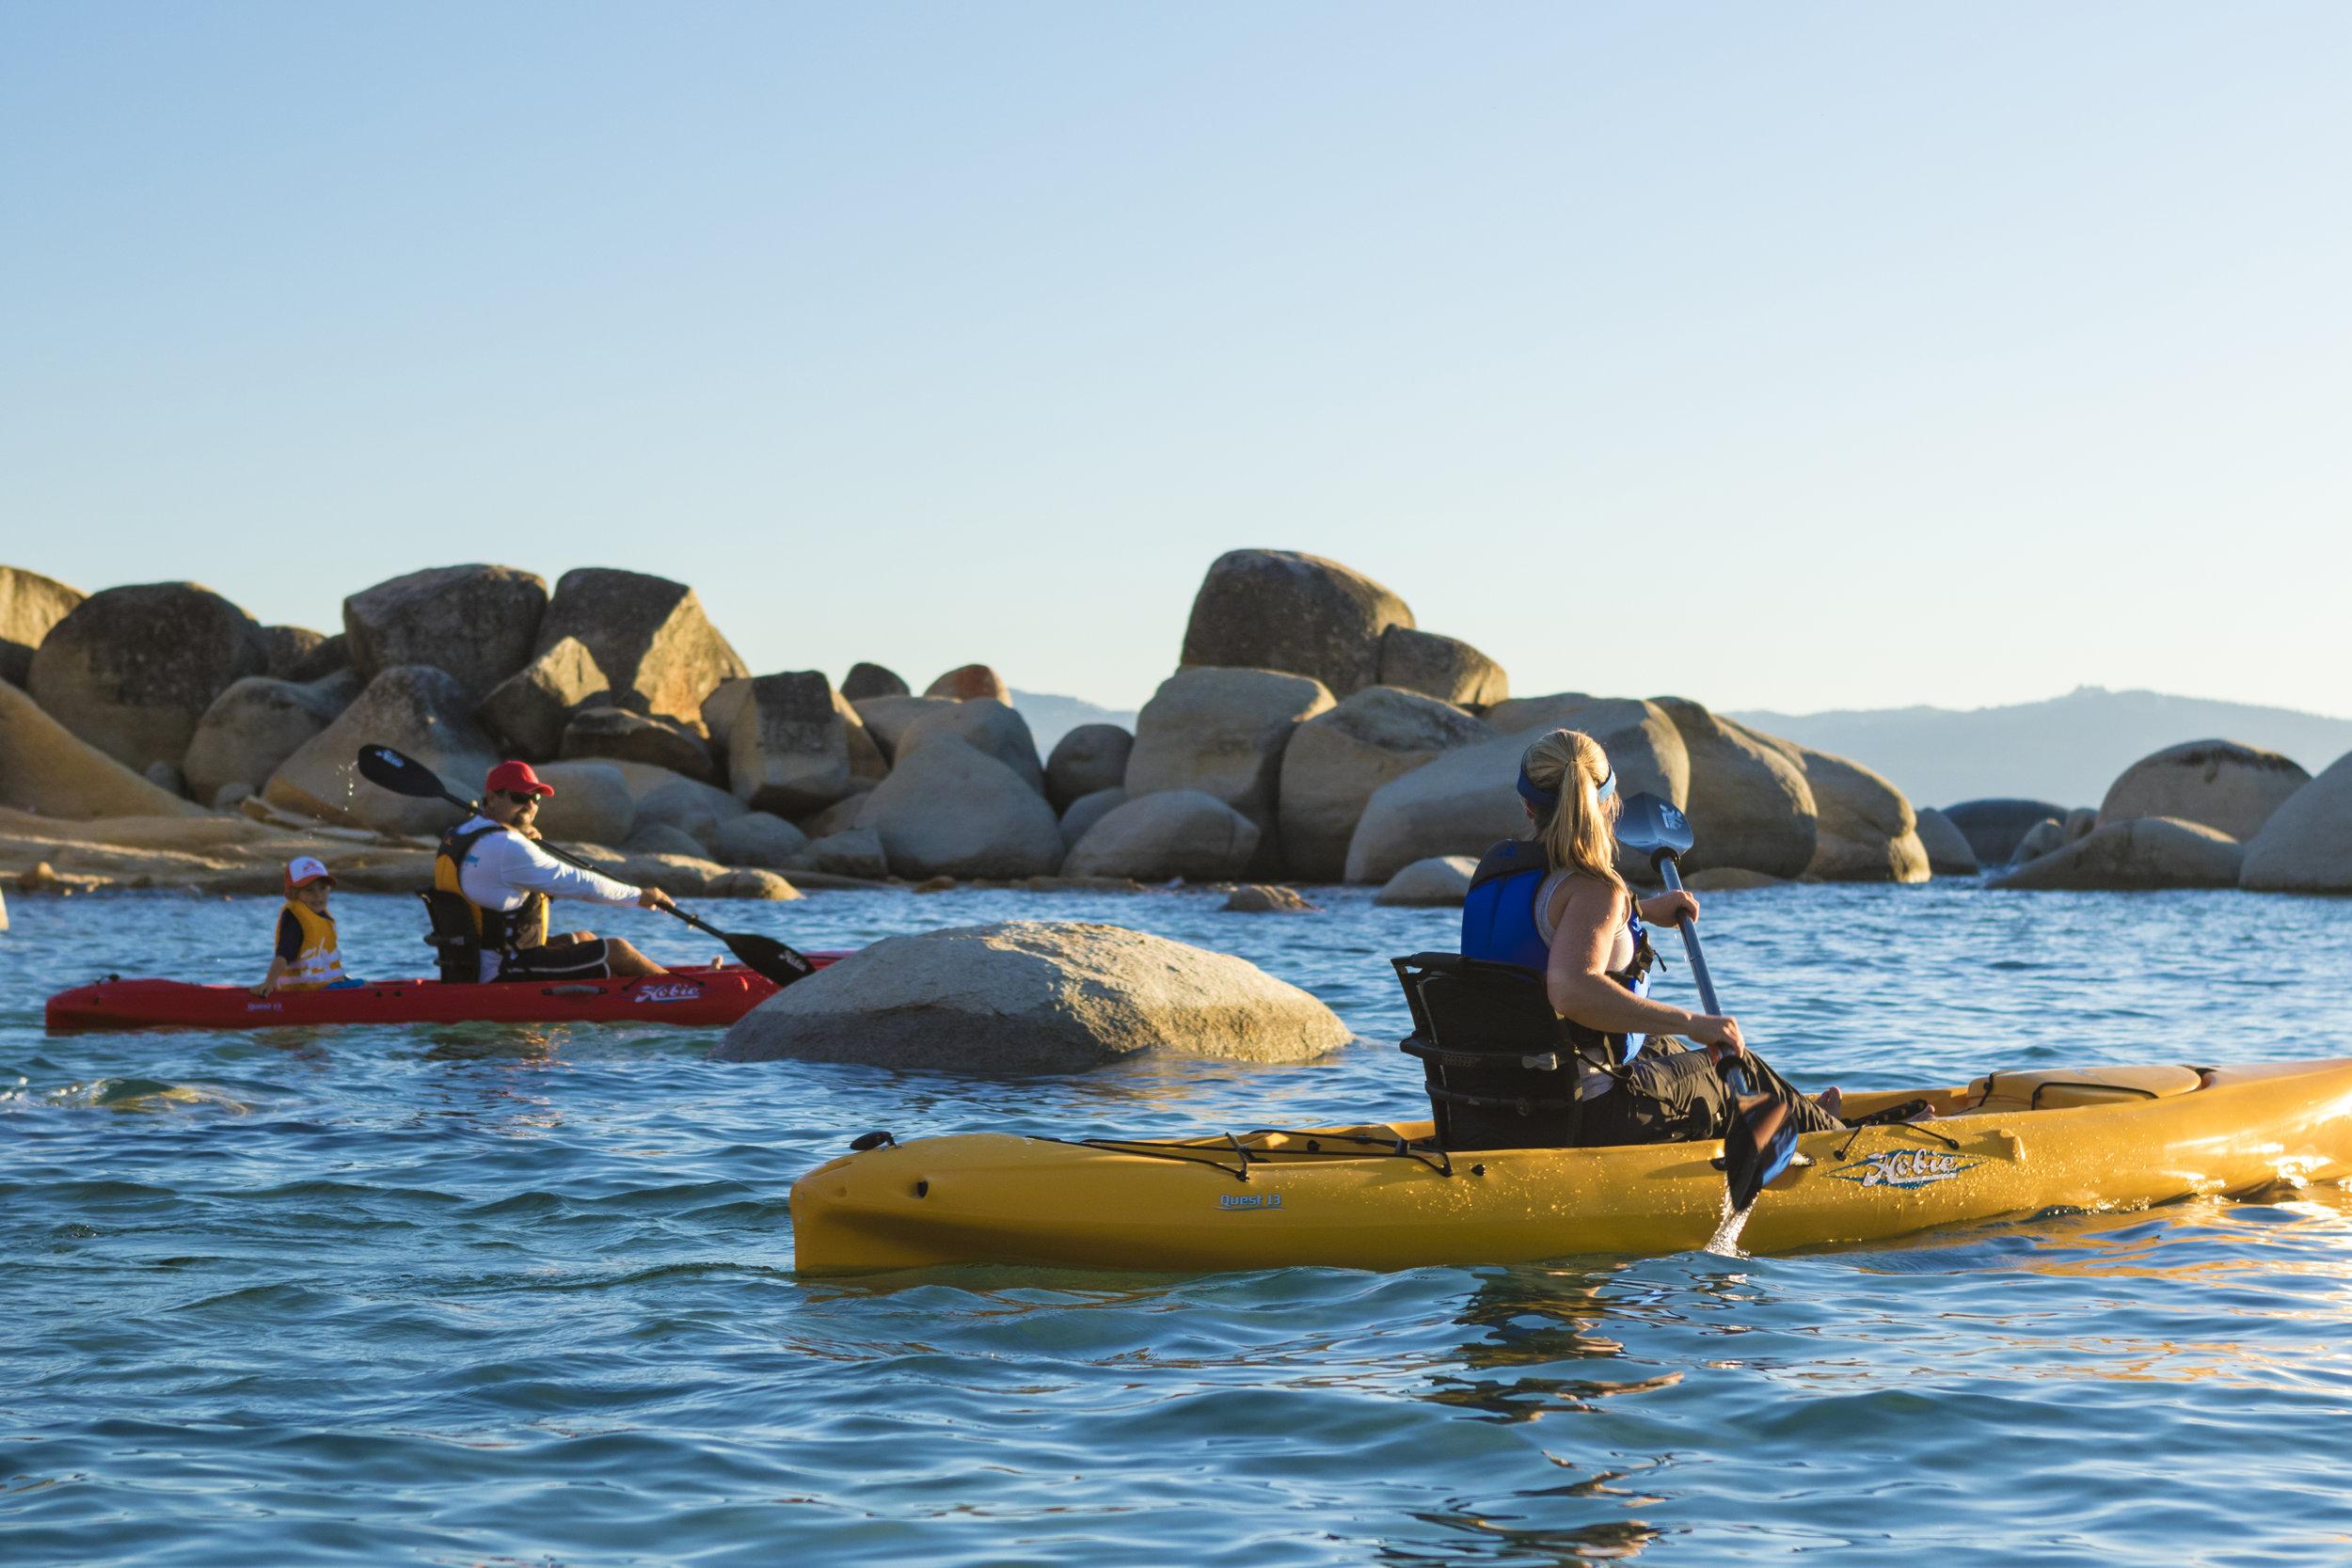 Quest13_action_Tahoe_Family_rocks_1601_full.jpg